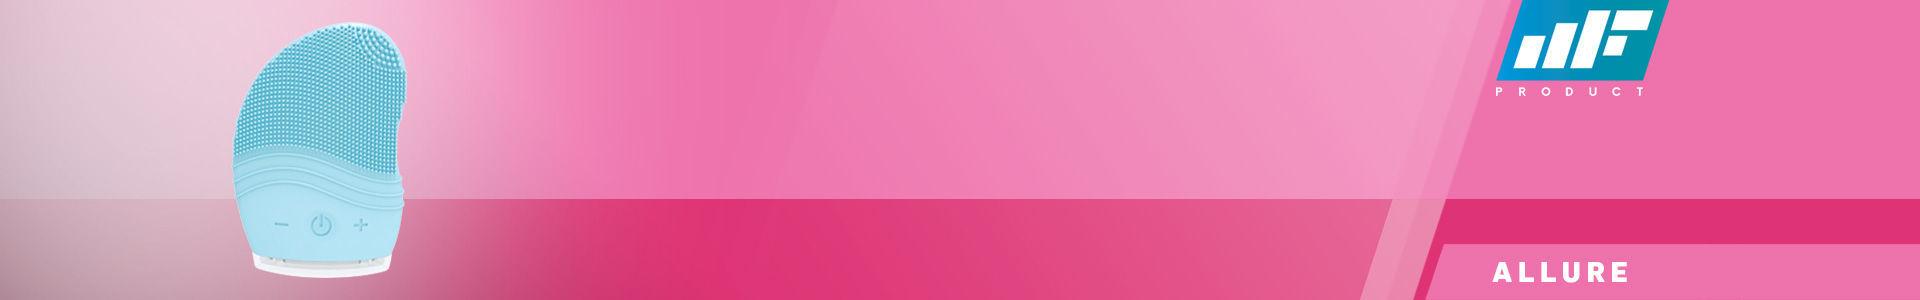 MF Product Allure 0158 Yüz Temizleme ve Masaj Cihazı Turkuaz, için en iyi fiyatı buldun!